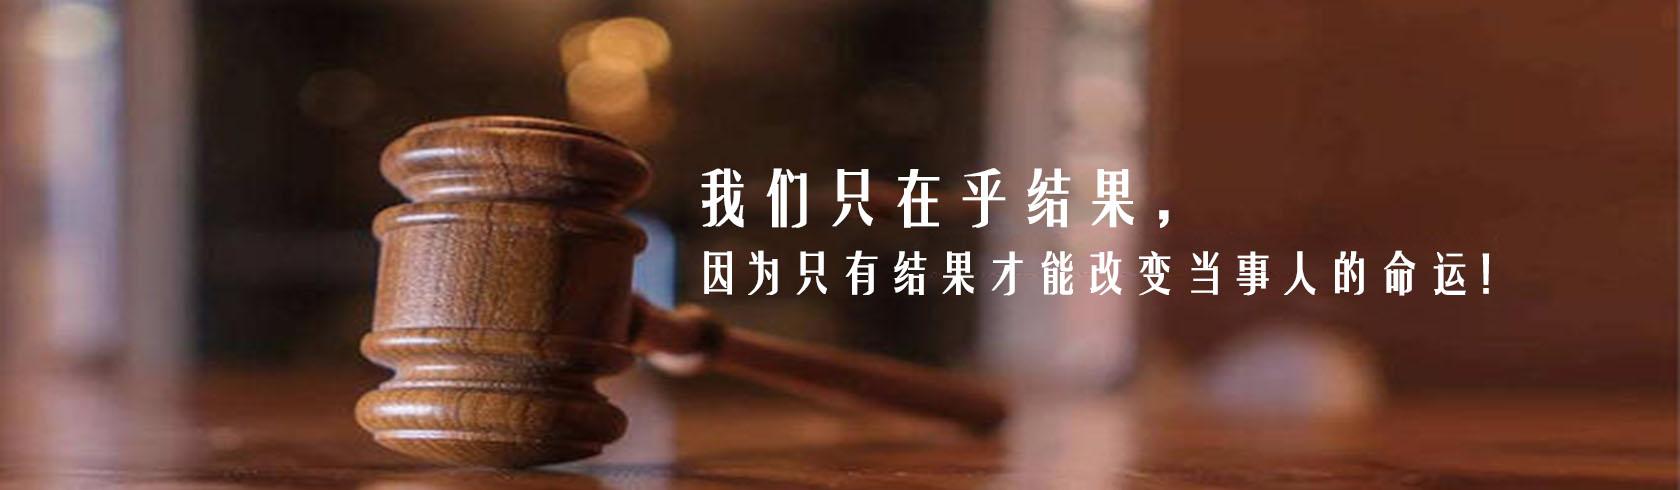 专业合同纠纷律师